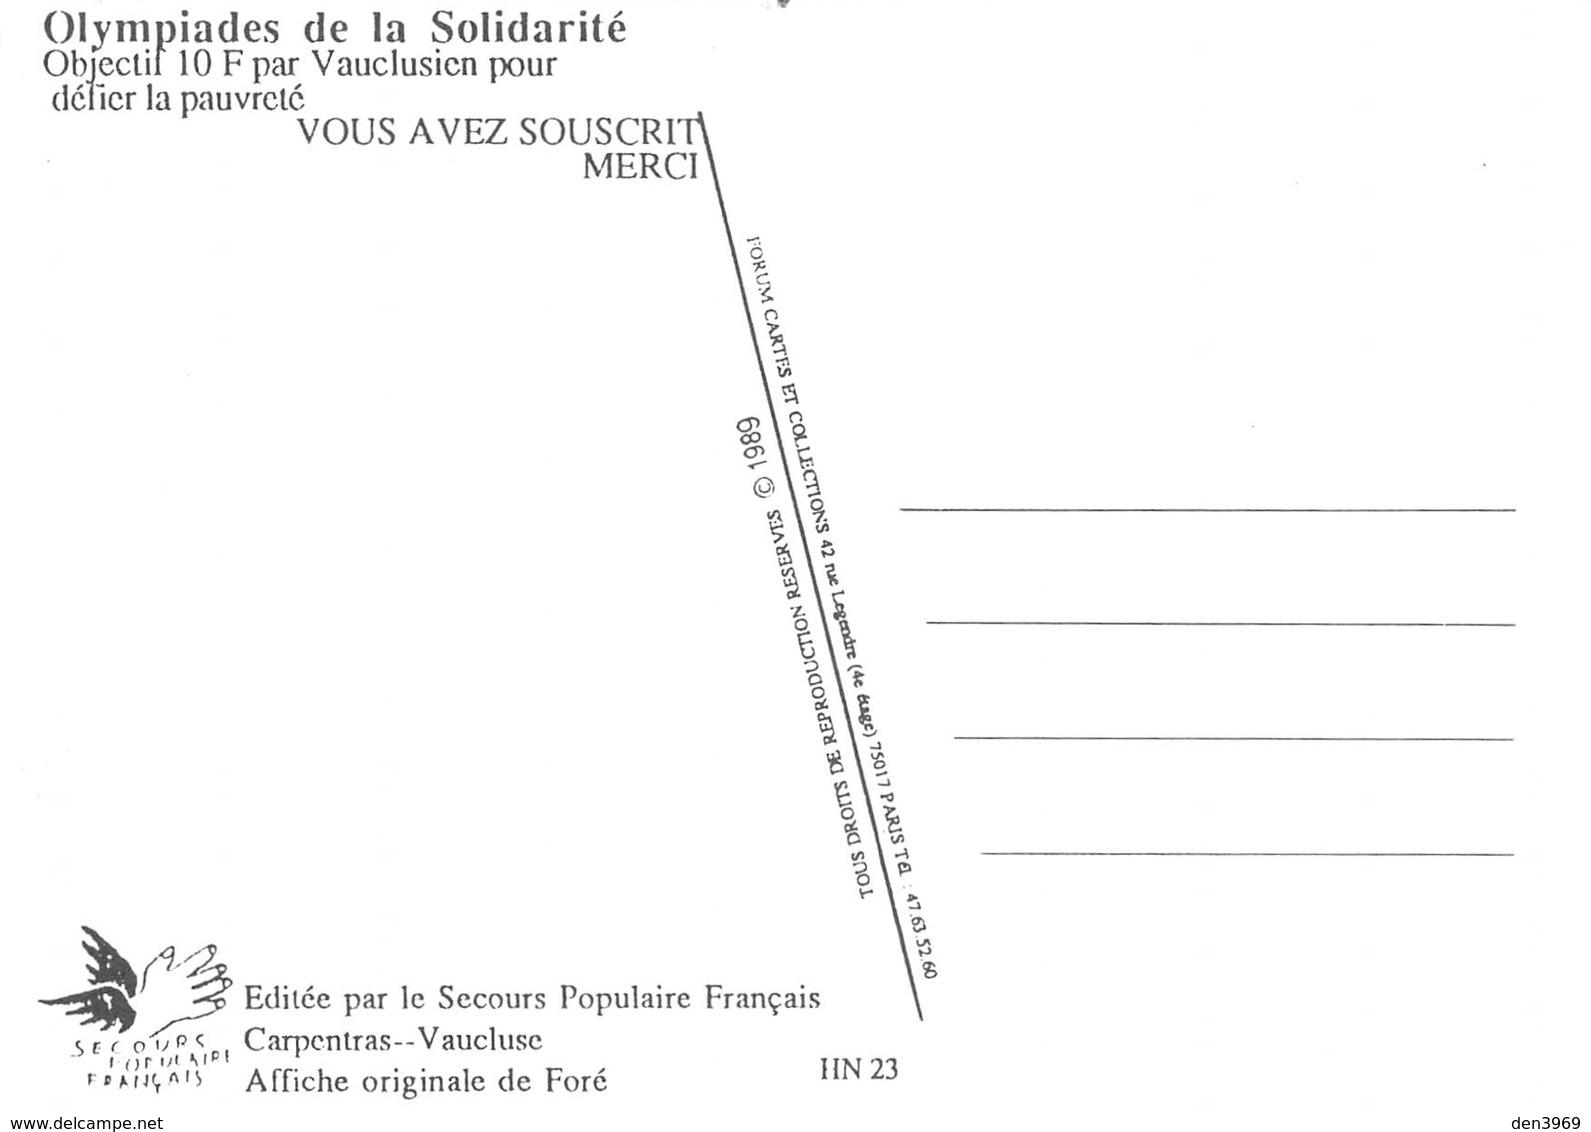 Philippe Fauré Dit FORE - Affichiste Né à Bérat - Les Olympiades De La Solidarité - SPF Carpentras - Flamme Olympique - Fore